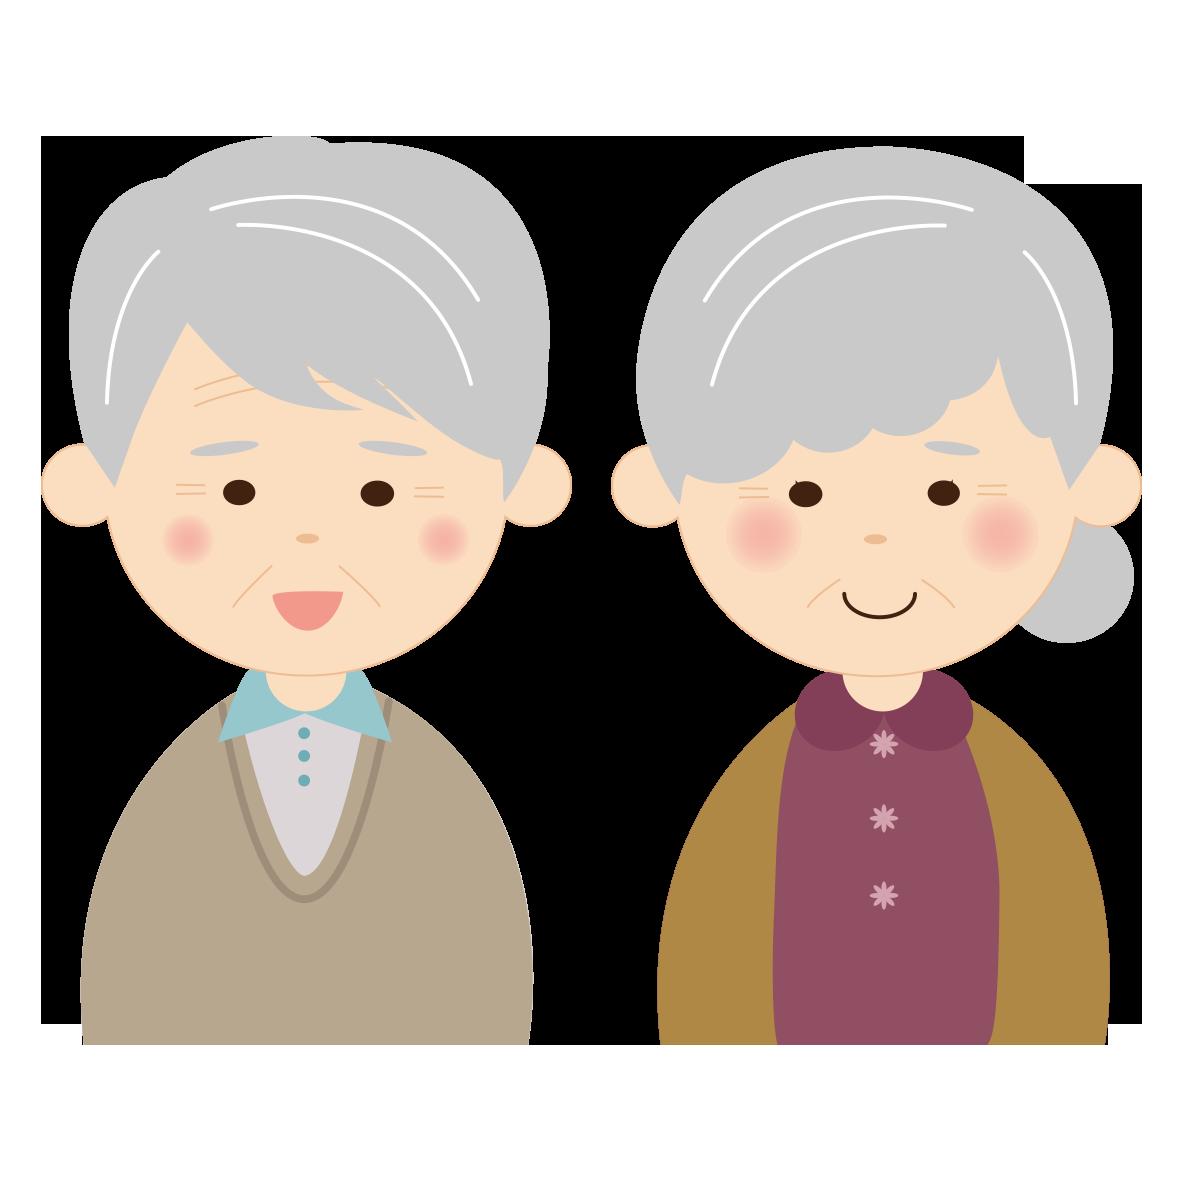 おじいさんとおばあさん」 - 無料イラスト愛